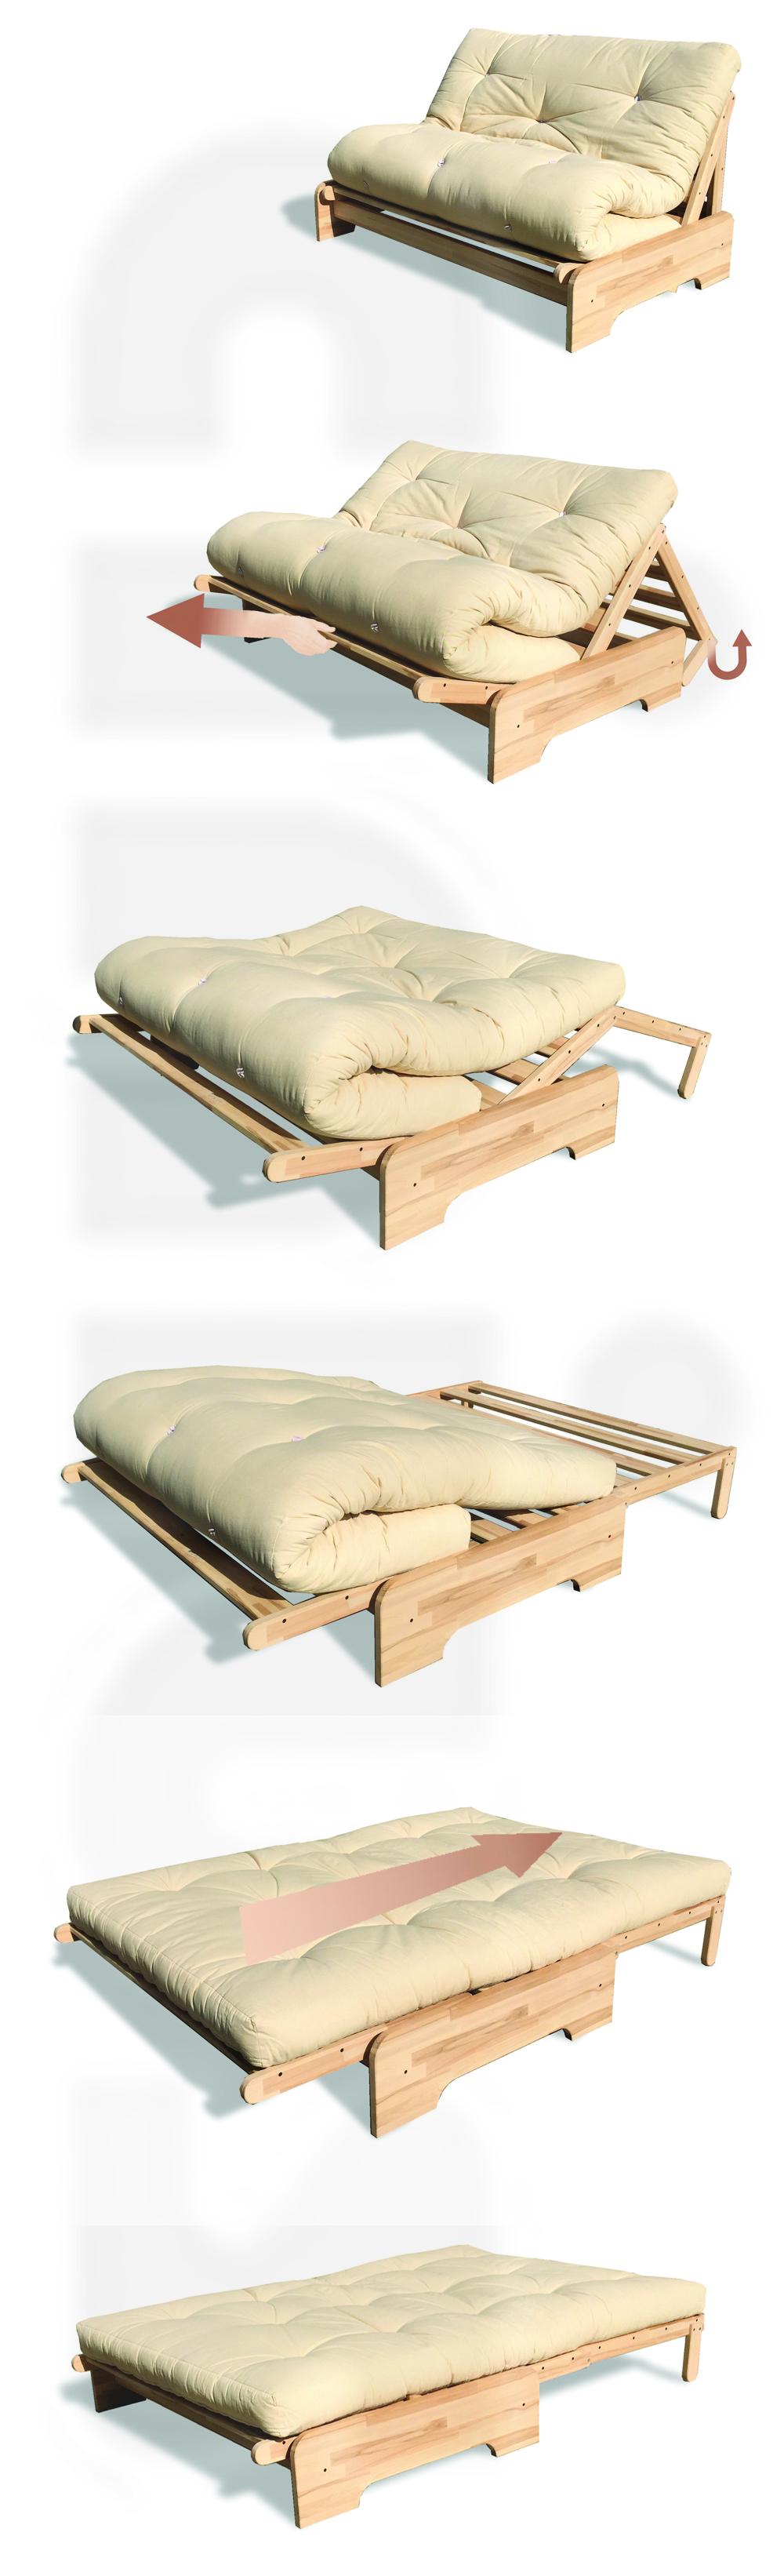 Divano Letto Roma] Facile, no? Da divano a letto in poche semplici ...